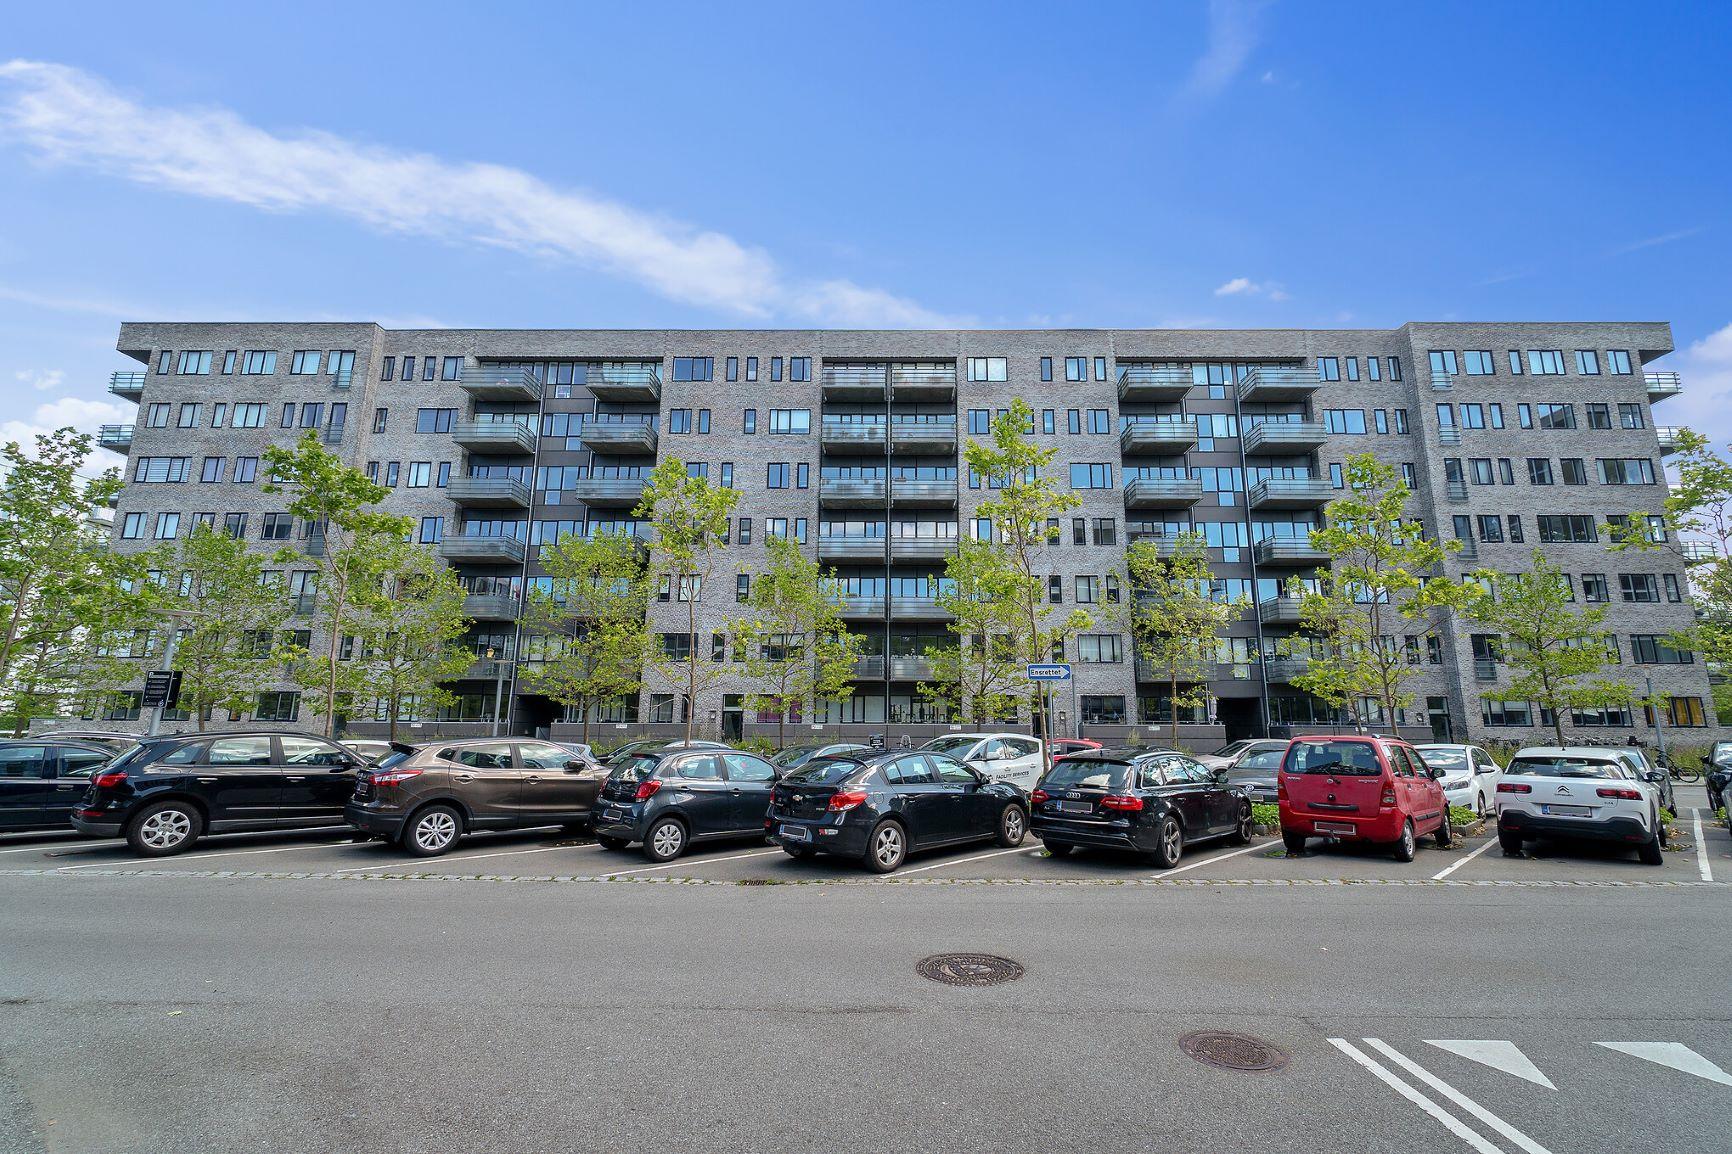 Gyngemose Parkvej 10, 4. th., 2860 Søborg